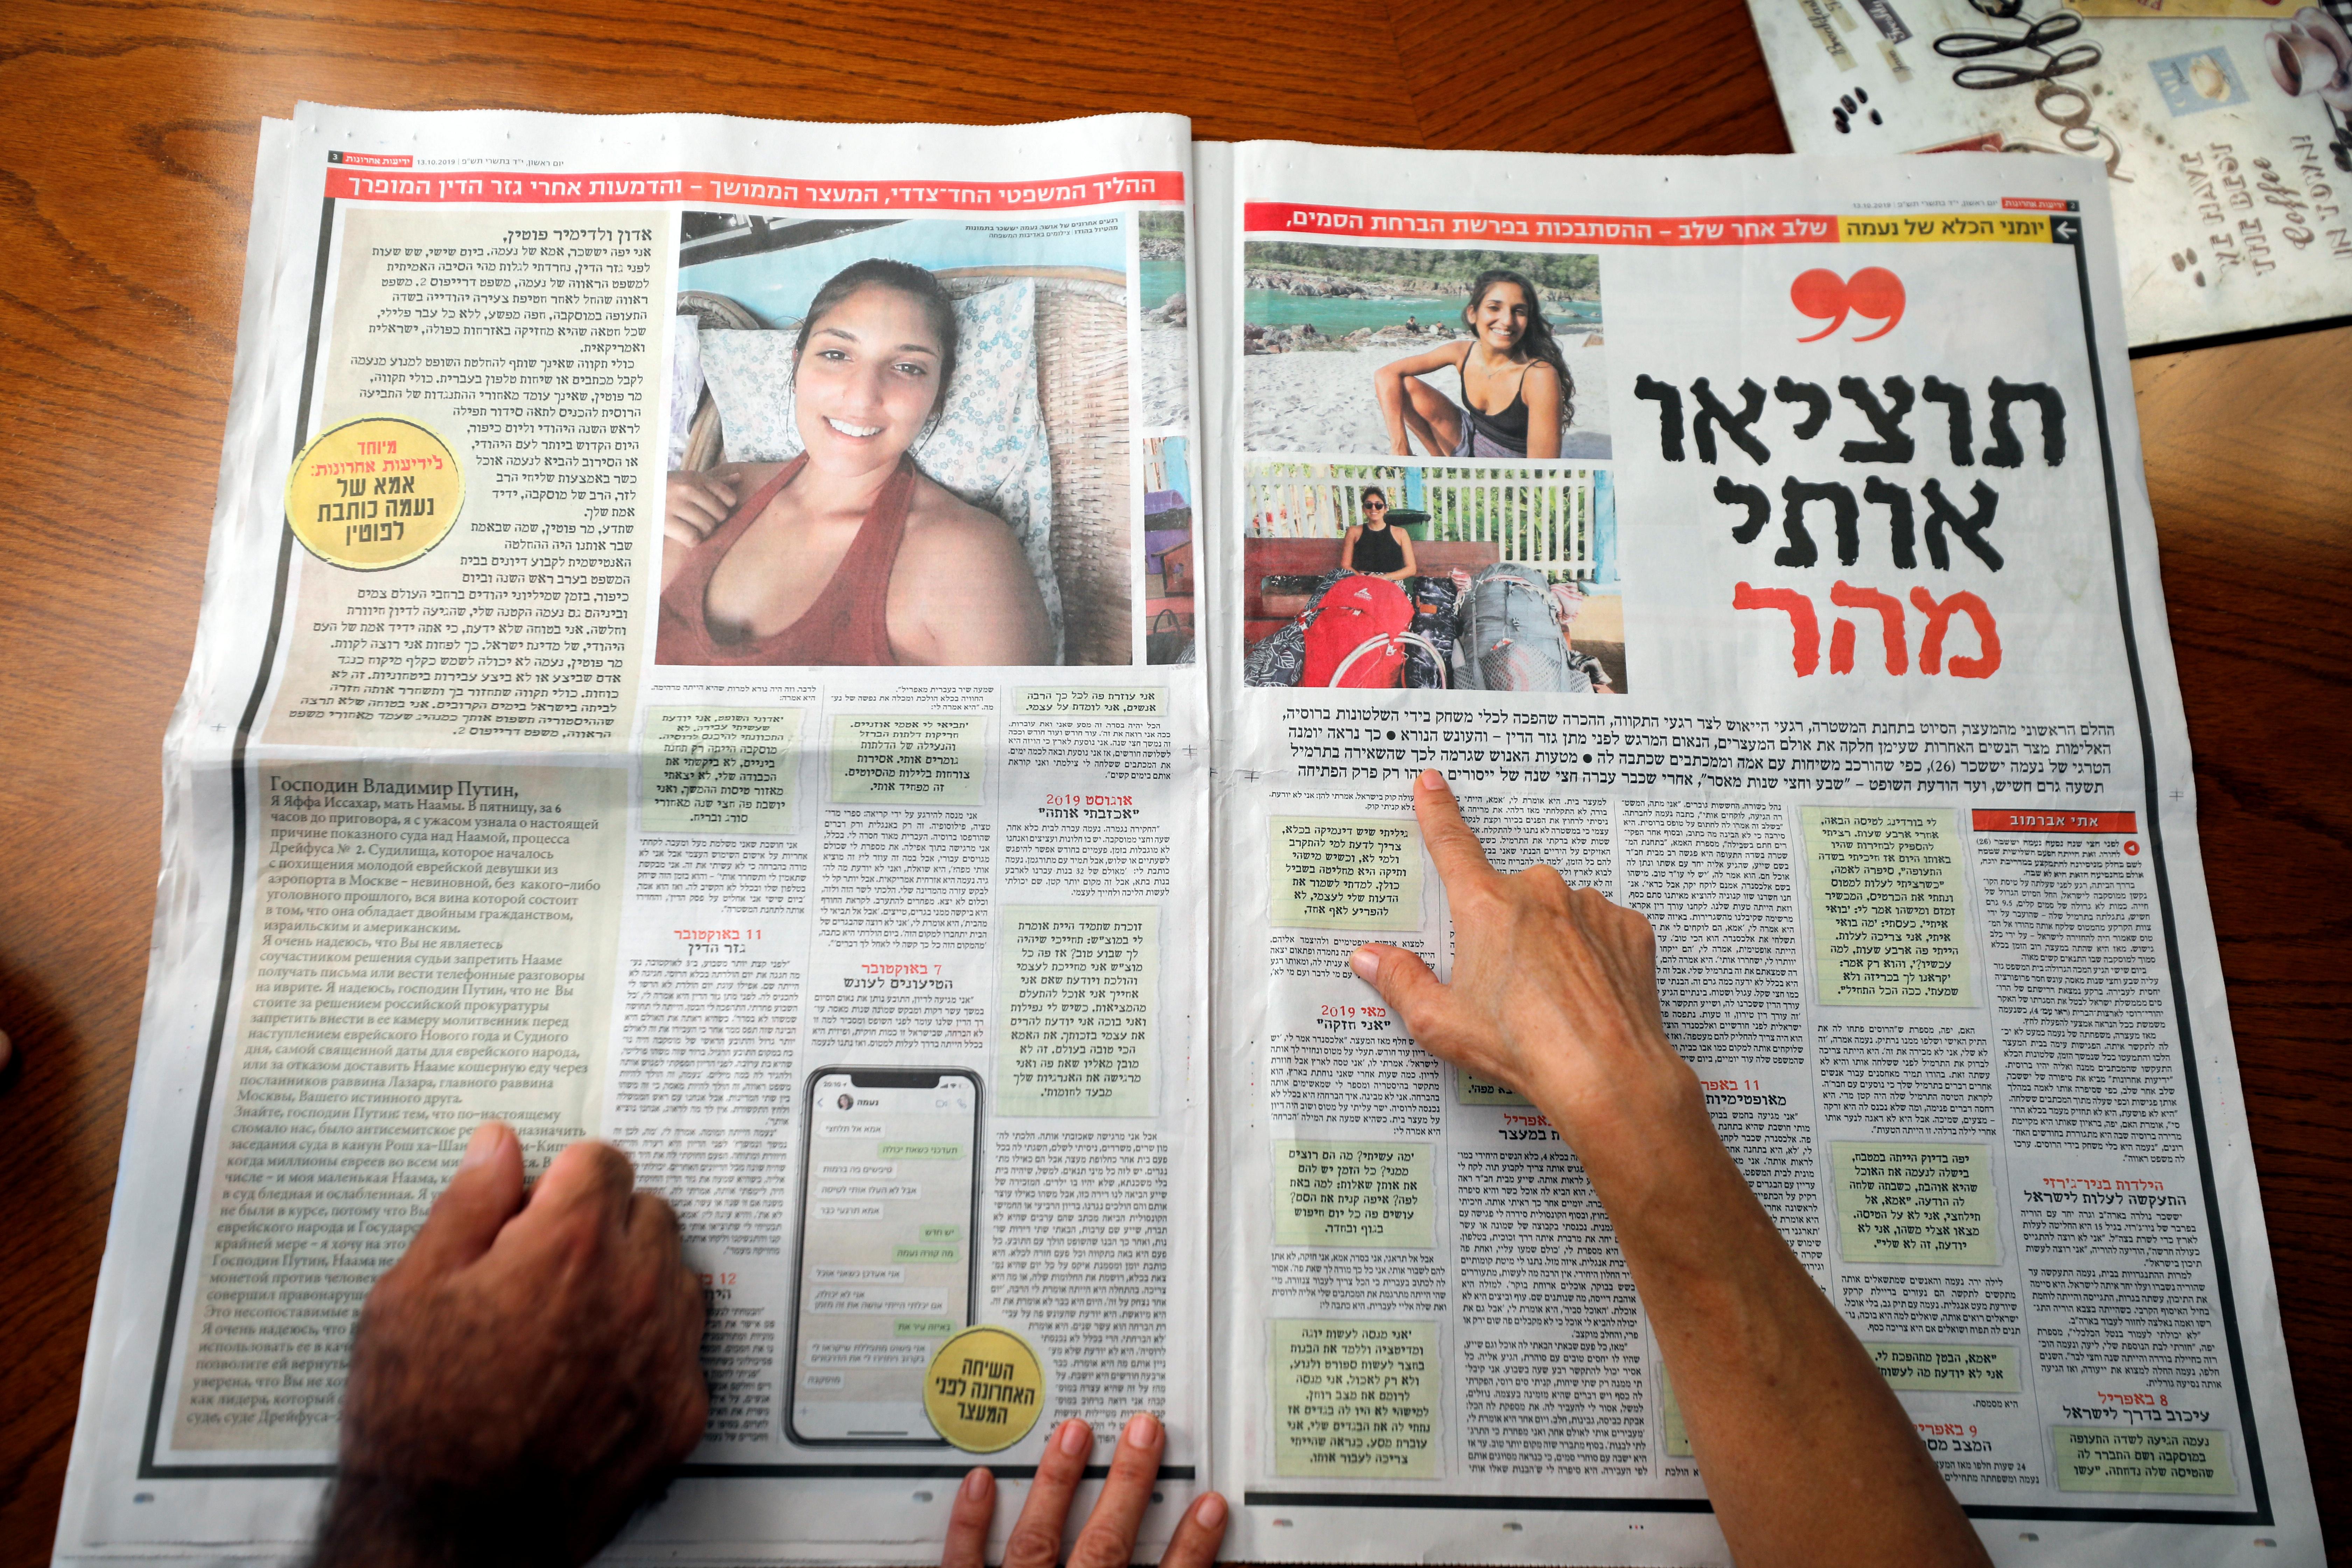 الصحافة الإسرائيلية كتبت عن قضية نعمة يسكار